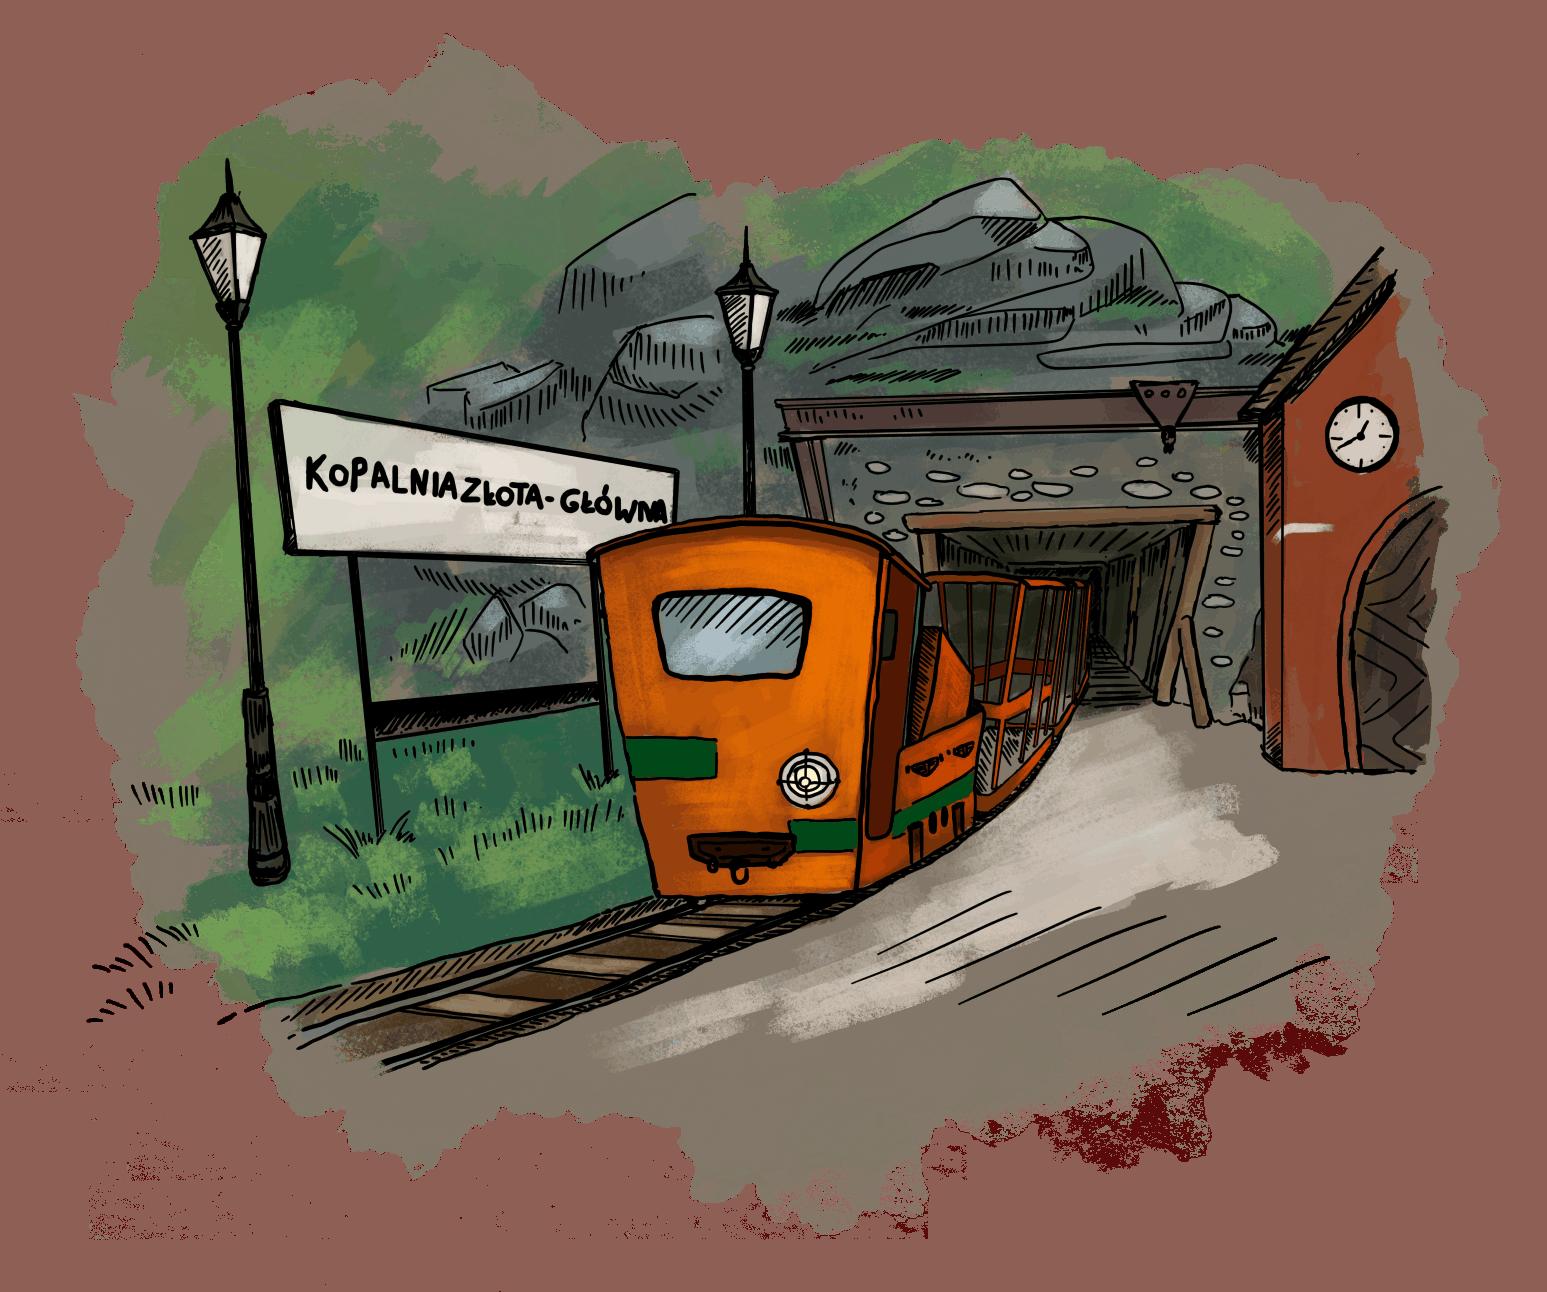 Podziemna Kolejka